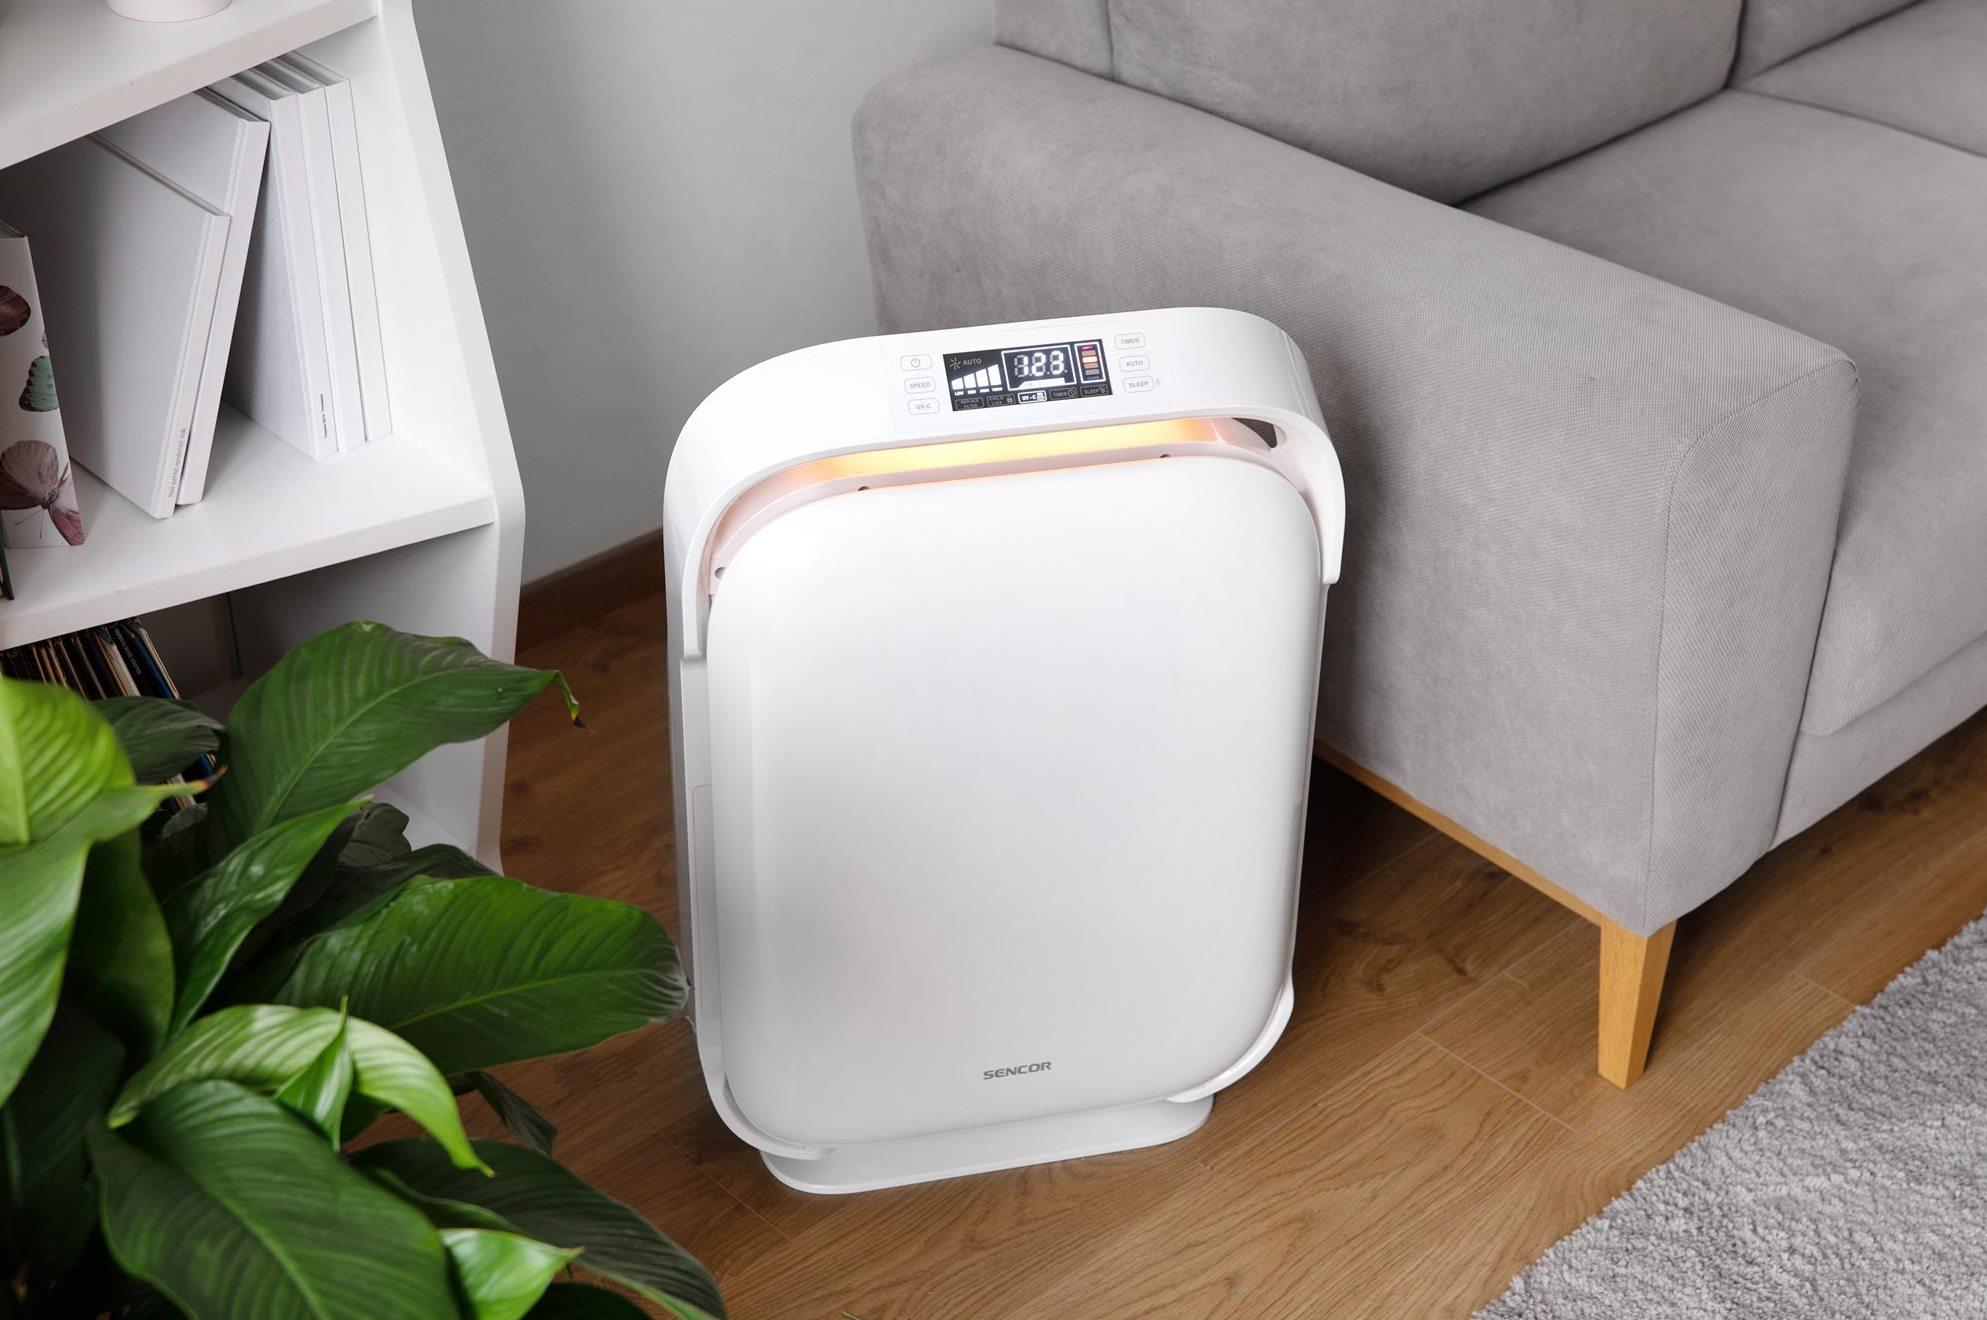 Čistička Sencor SHA 9400WH se hodí pro prostory o velikosti až 50 m2, kdy dokáže odstranit 99,9 % škodlivých látek